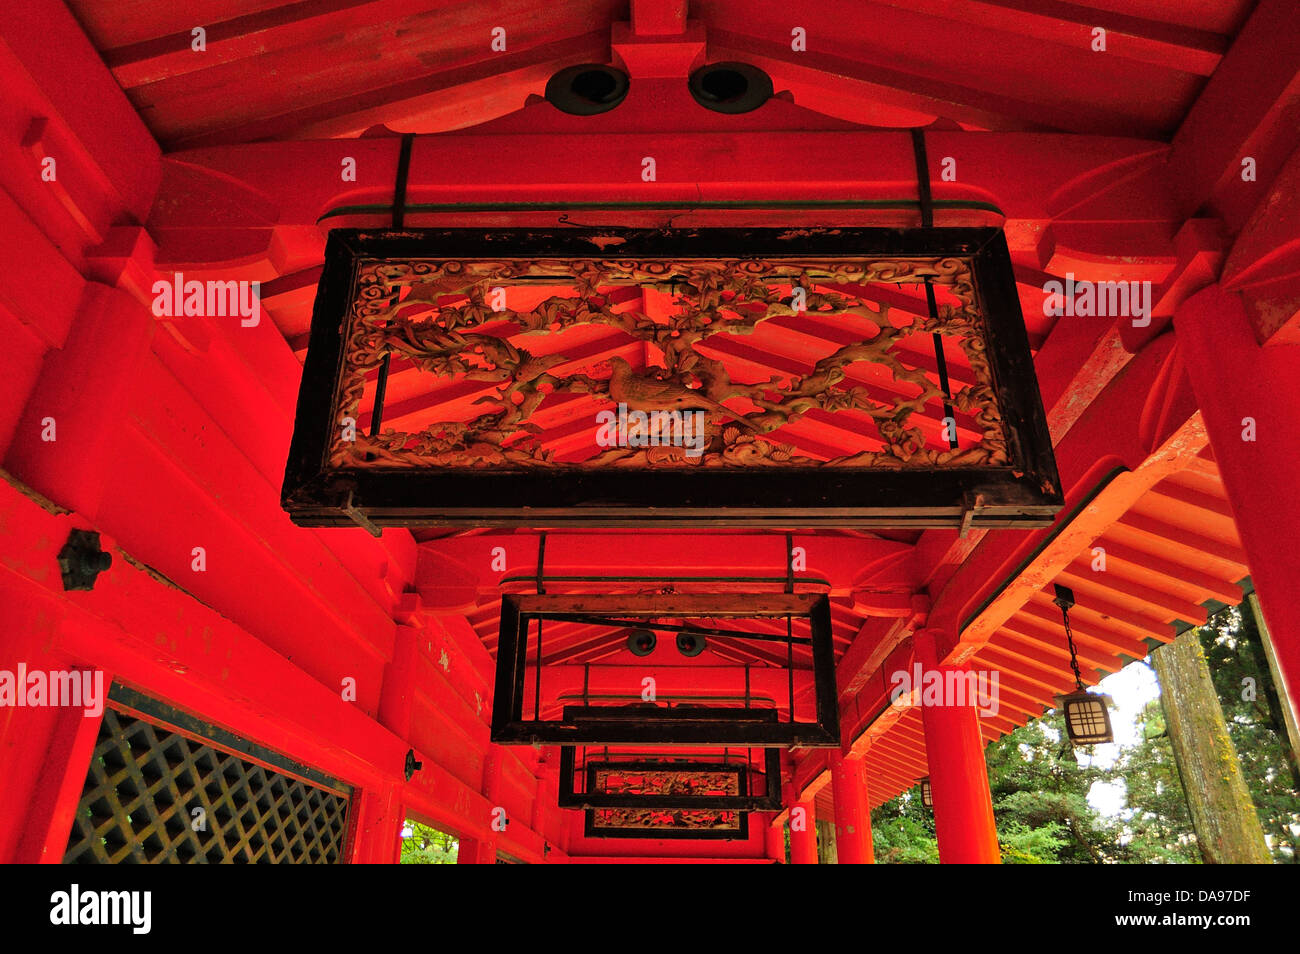 Asia, Hakone, Hakone Jinja, Honshu, Horizontal, Japan, Kanagawa Prefecture, Kanto, Shinto, Shrine - Stock Image